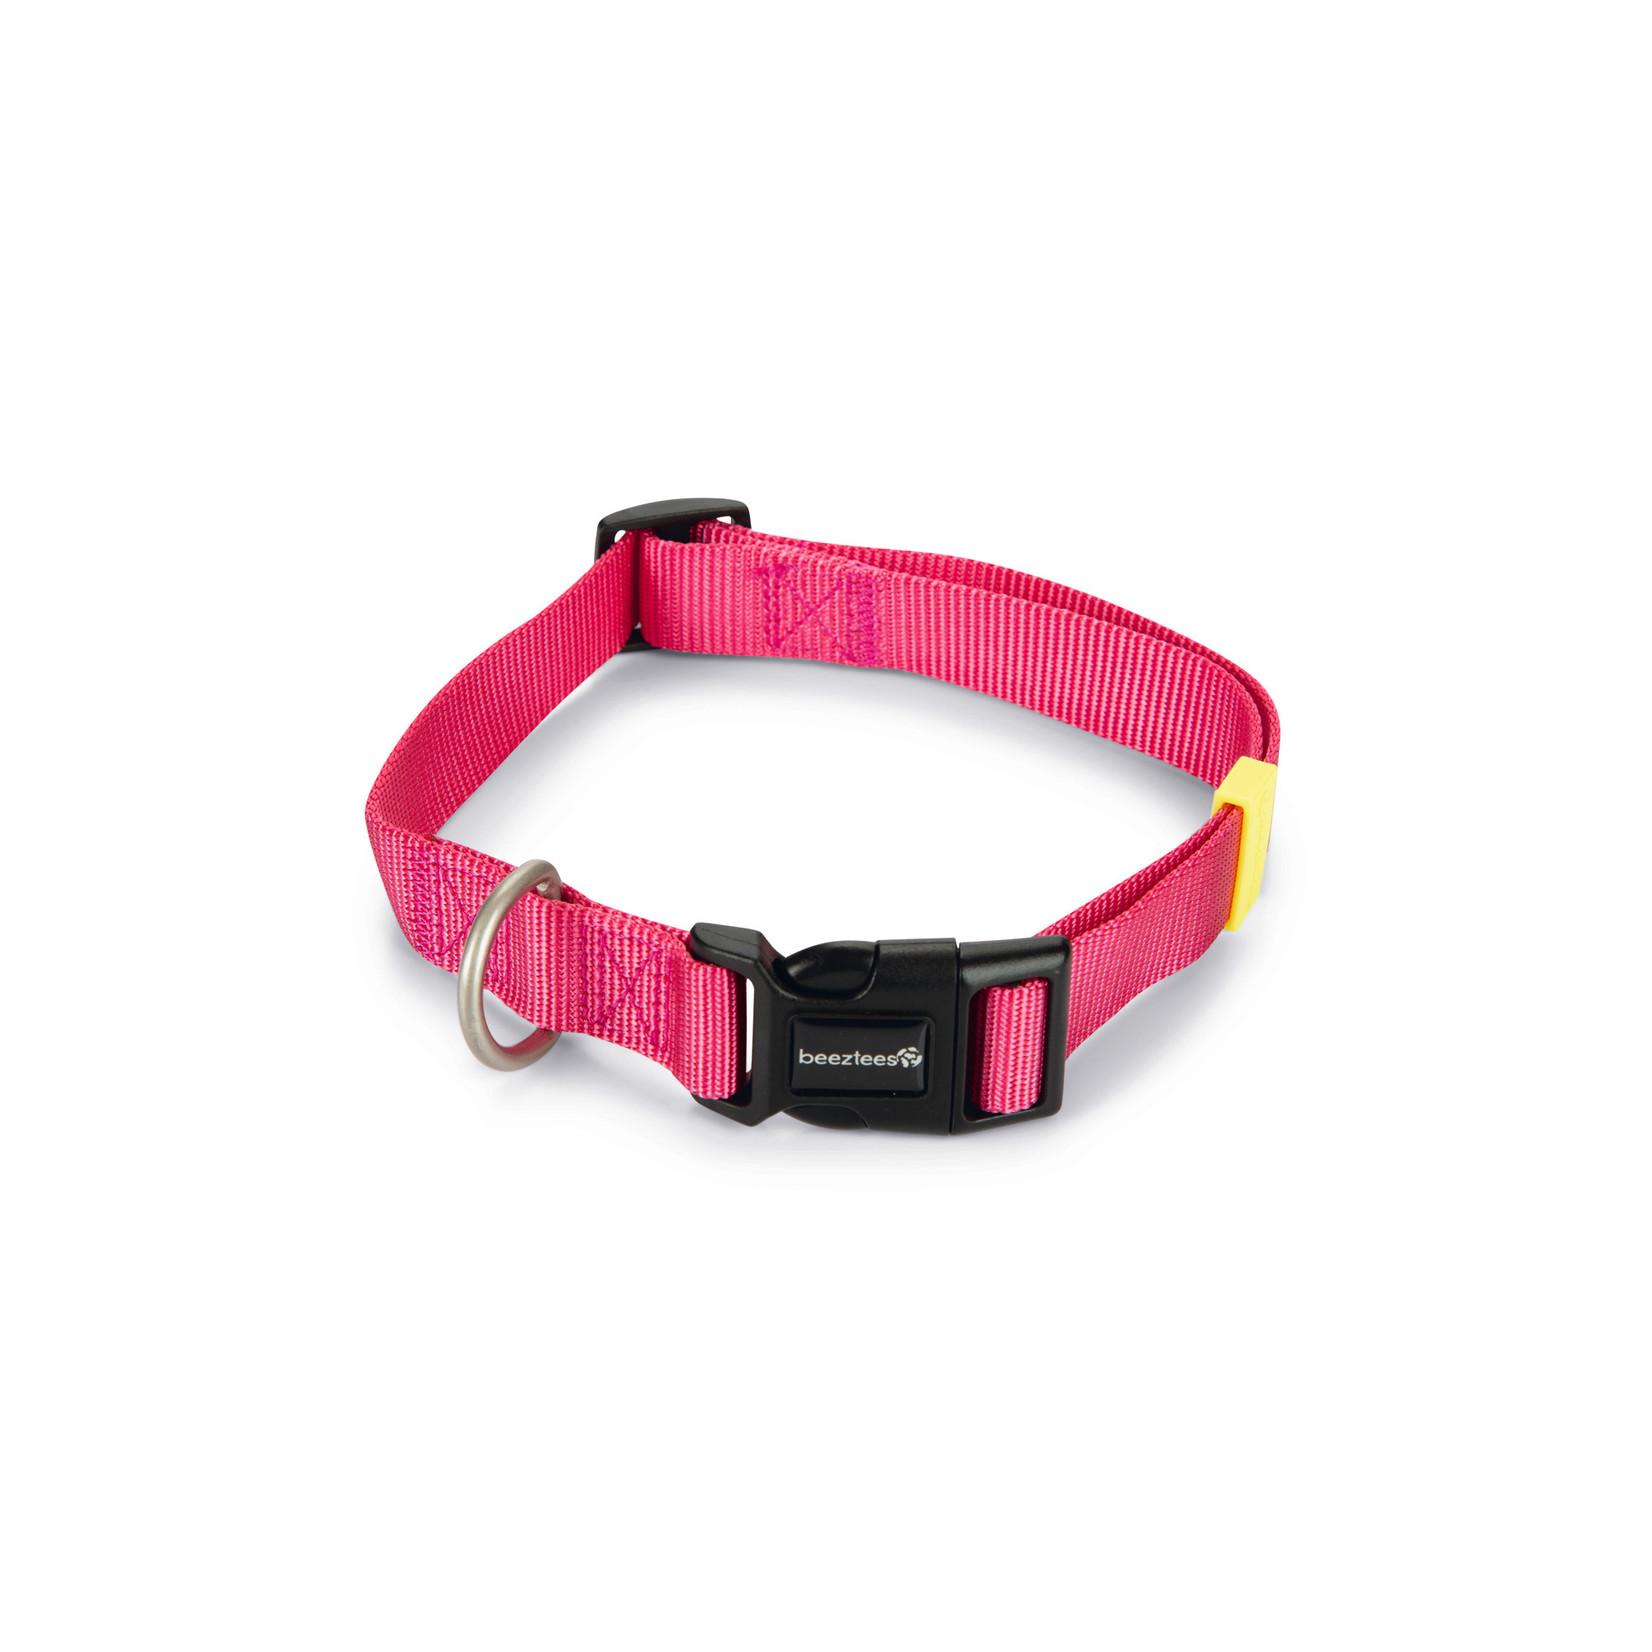 Beeztees BZ Nylon Halsband Uni  Roze